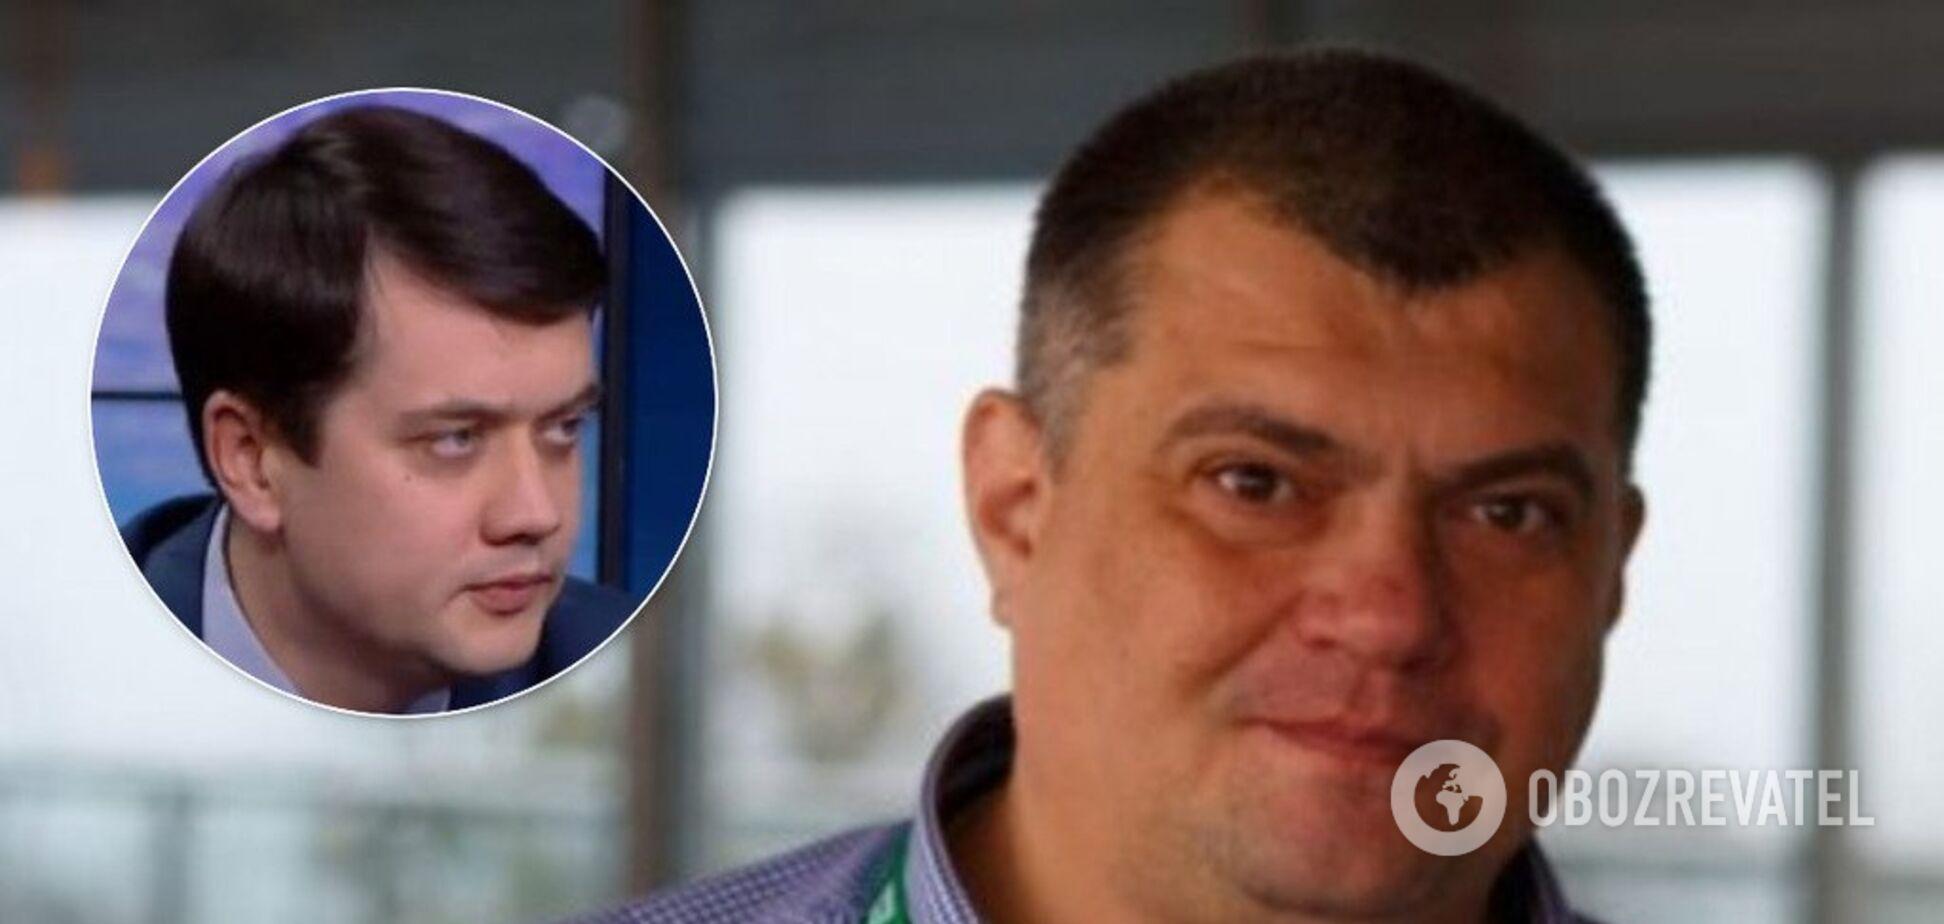 'Закрыть всю шваль': Разумков отреагировал на громкий скандал с Юзиком